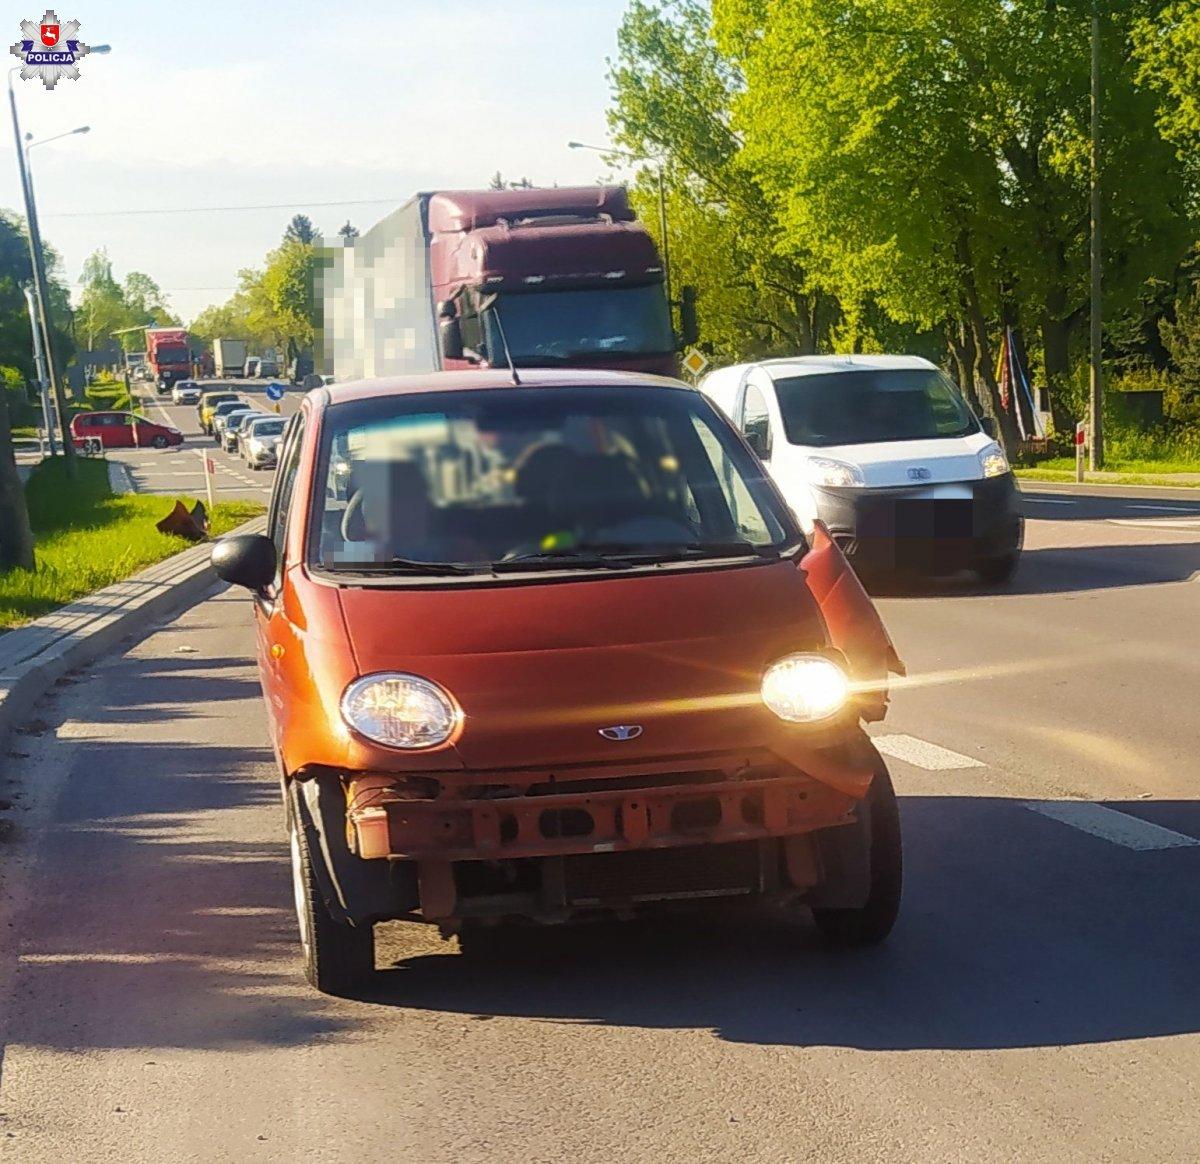 Kolizja w Łucce. Kierowca matiza wjechał w ciężarówkę - Zdjęcie główne